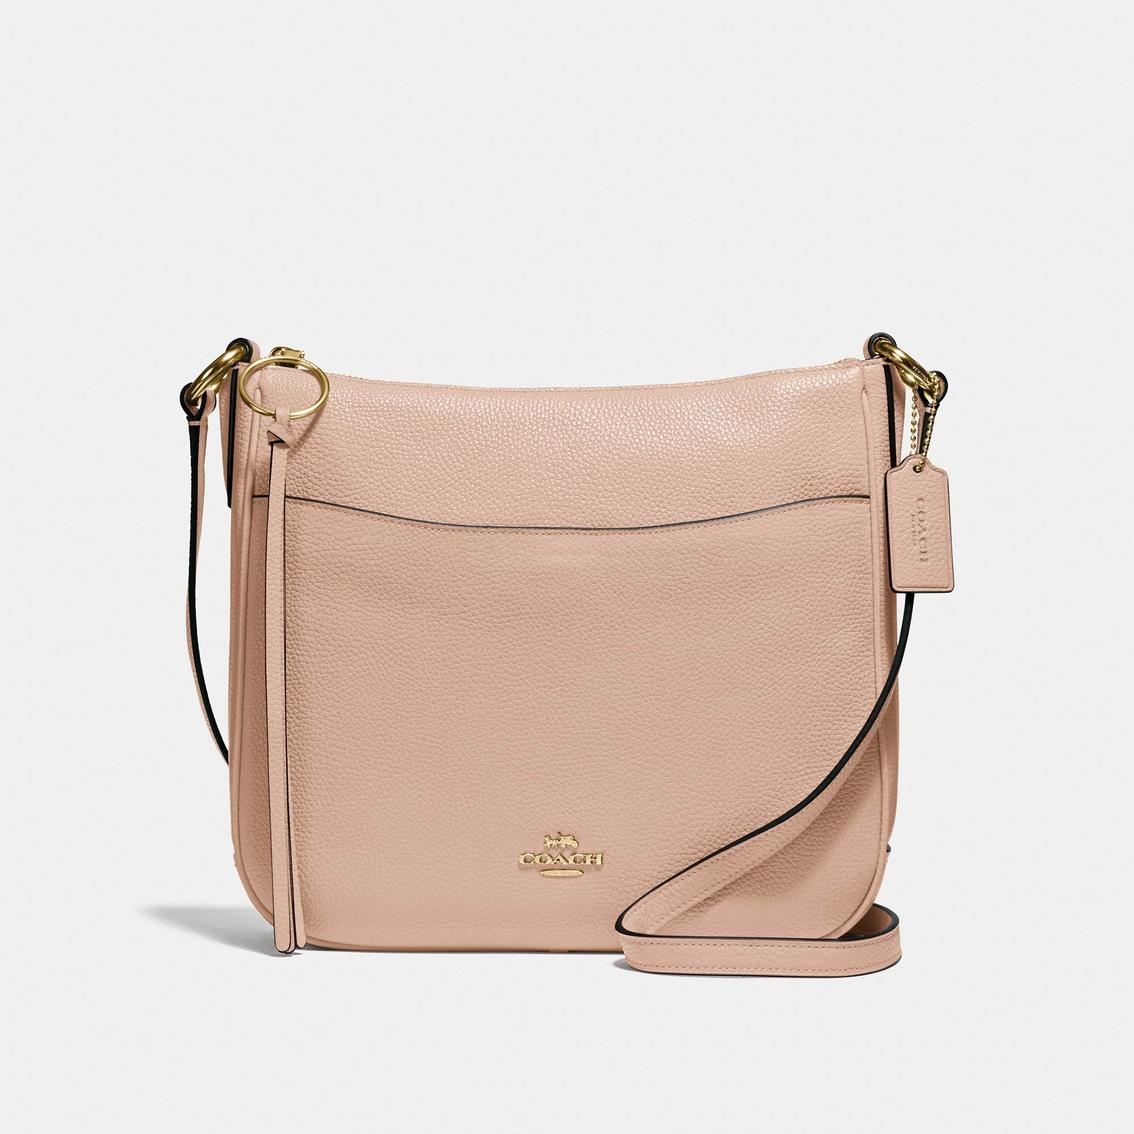 3d75afaa15 Coach Chaise Crossbody Pebble Leather Handbag